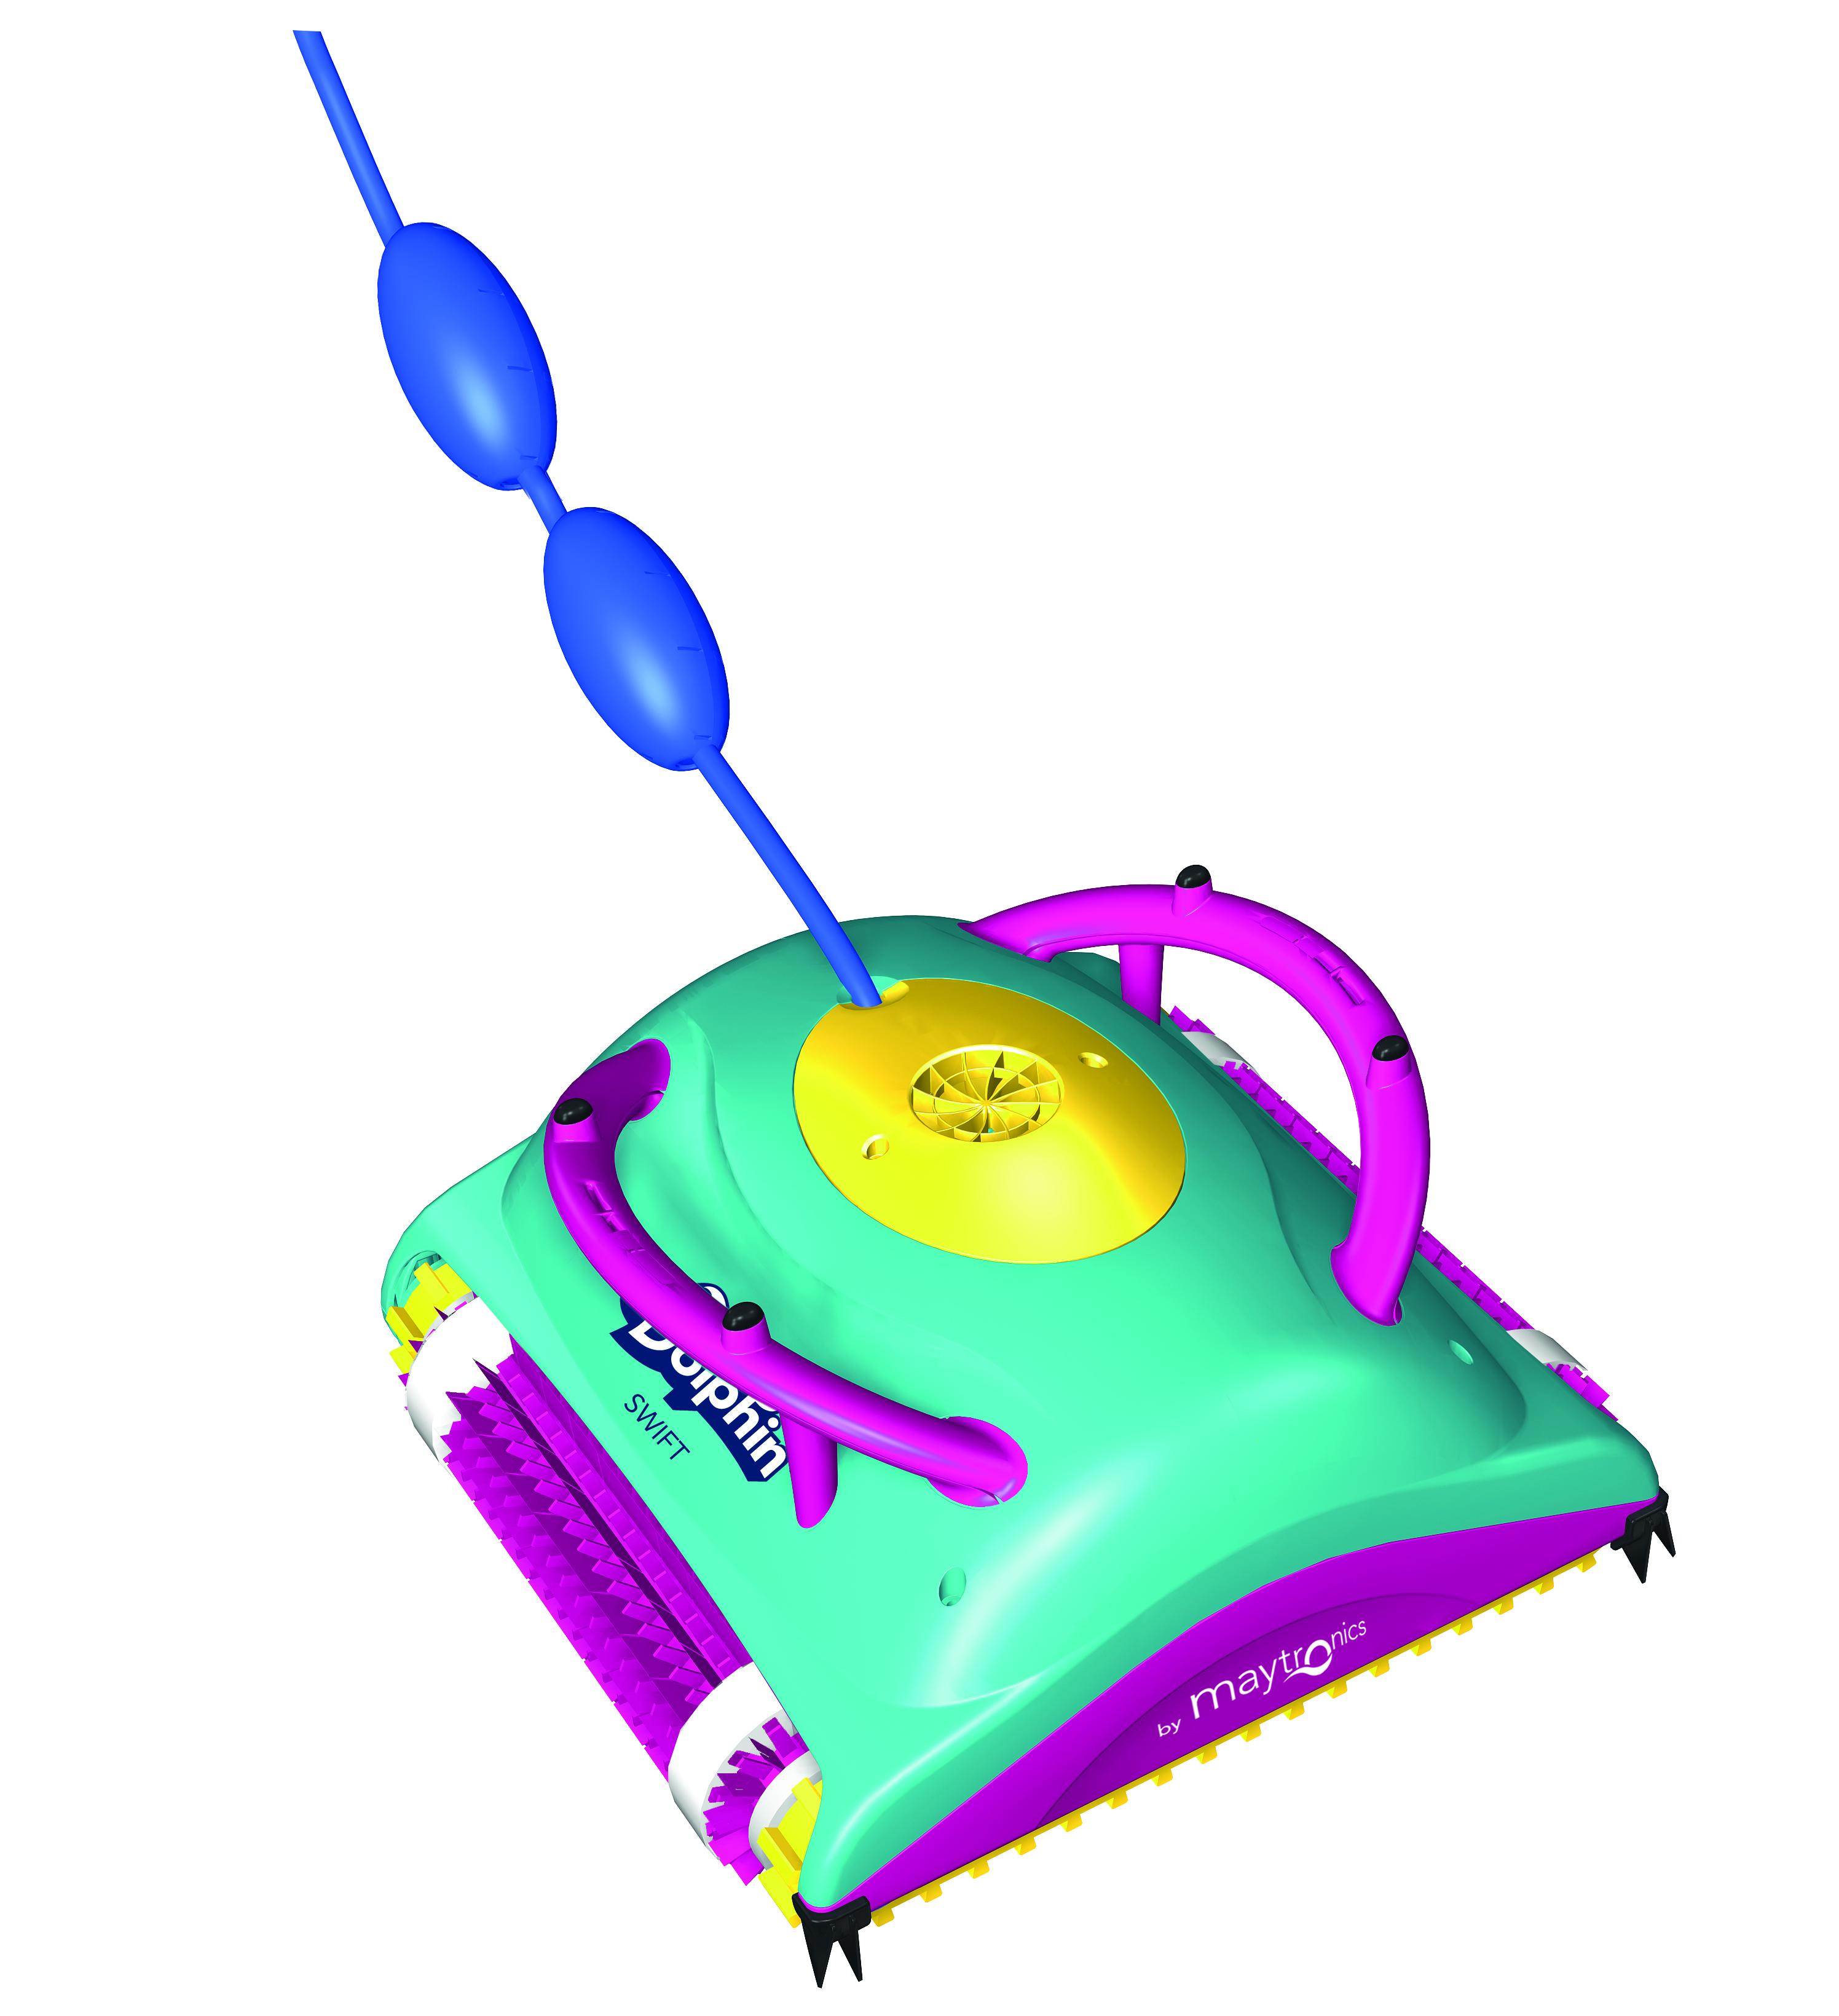 Robot limpiafondos piscina Dolphin Swift